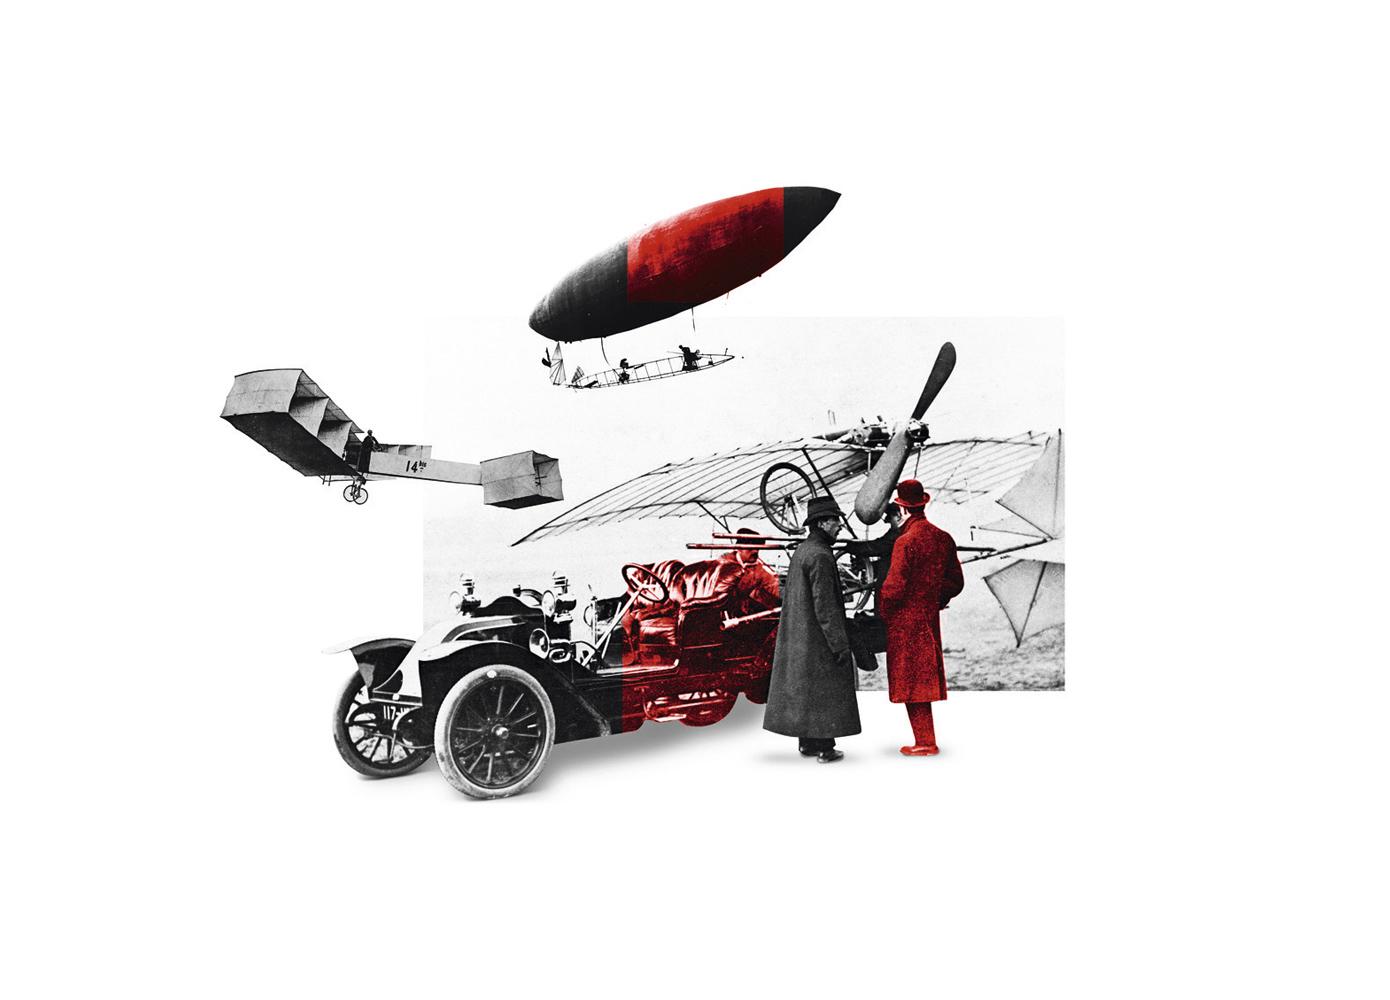 Від авіації до успішного бізнесу. Історія легендарних Santos de Cartier